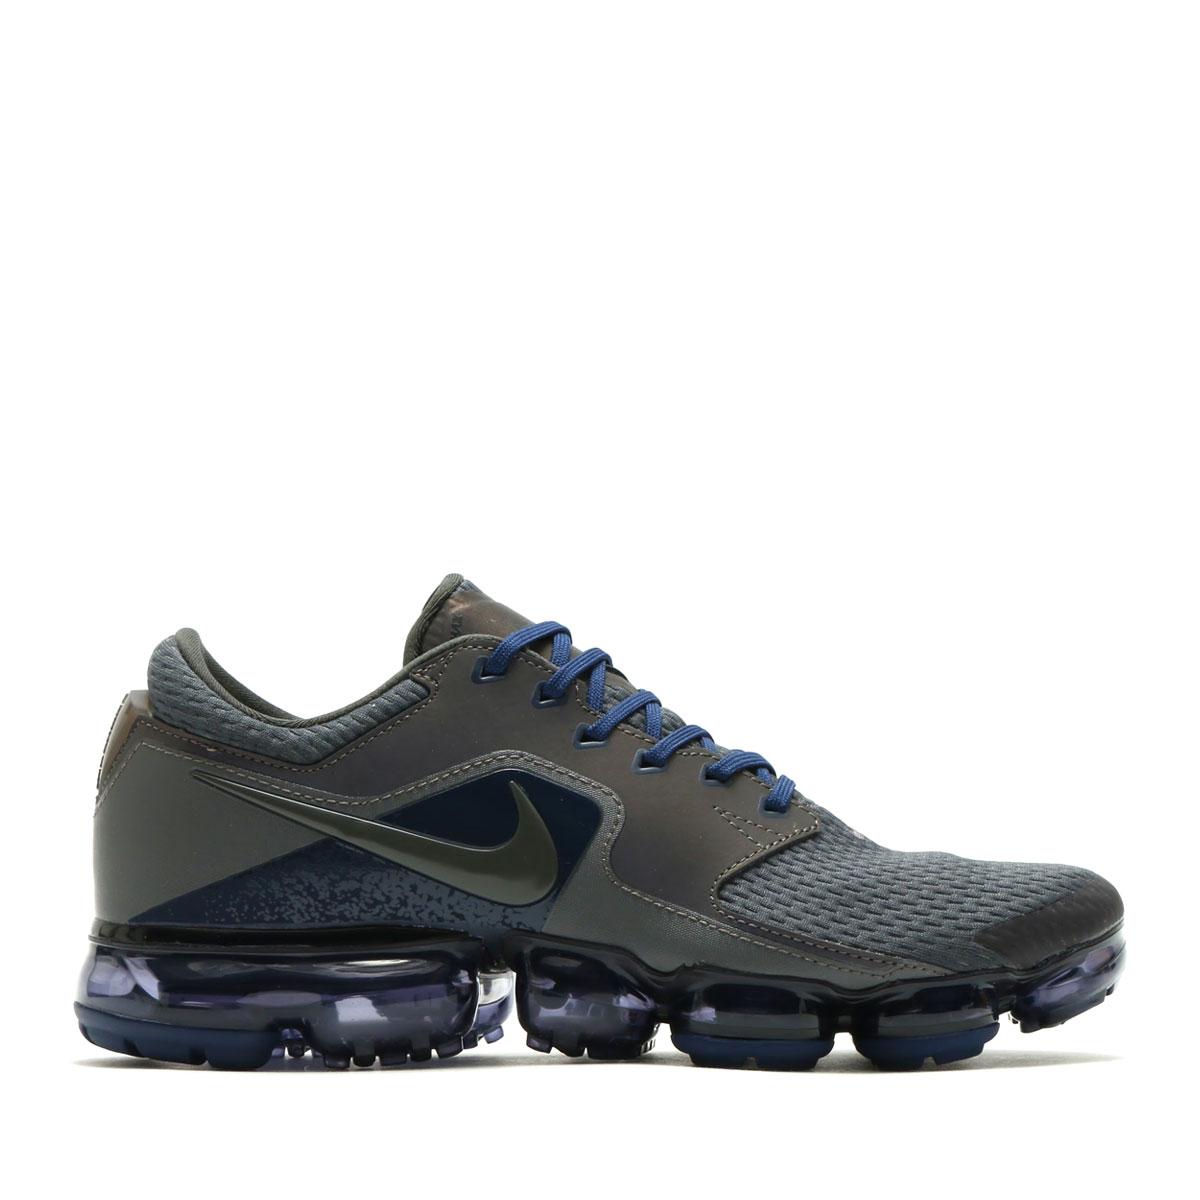 dfa9ff920aca4 NIKE AIR VAPORMAX R (Nike air vapor max R)(MIDNIGHT FOG MIDNIGHT  FOG-MIDNIGHT NAVY)17HO-S